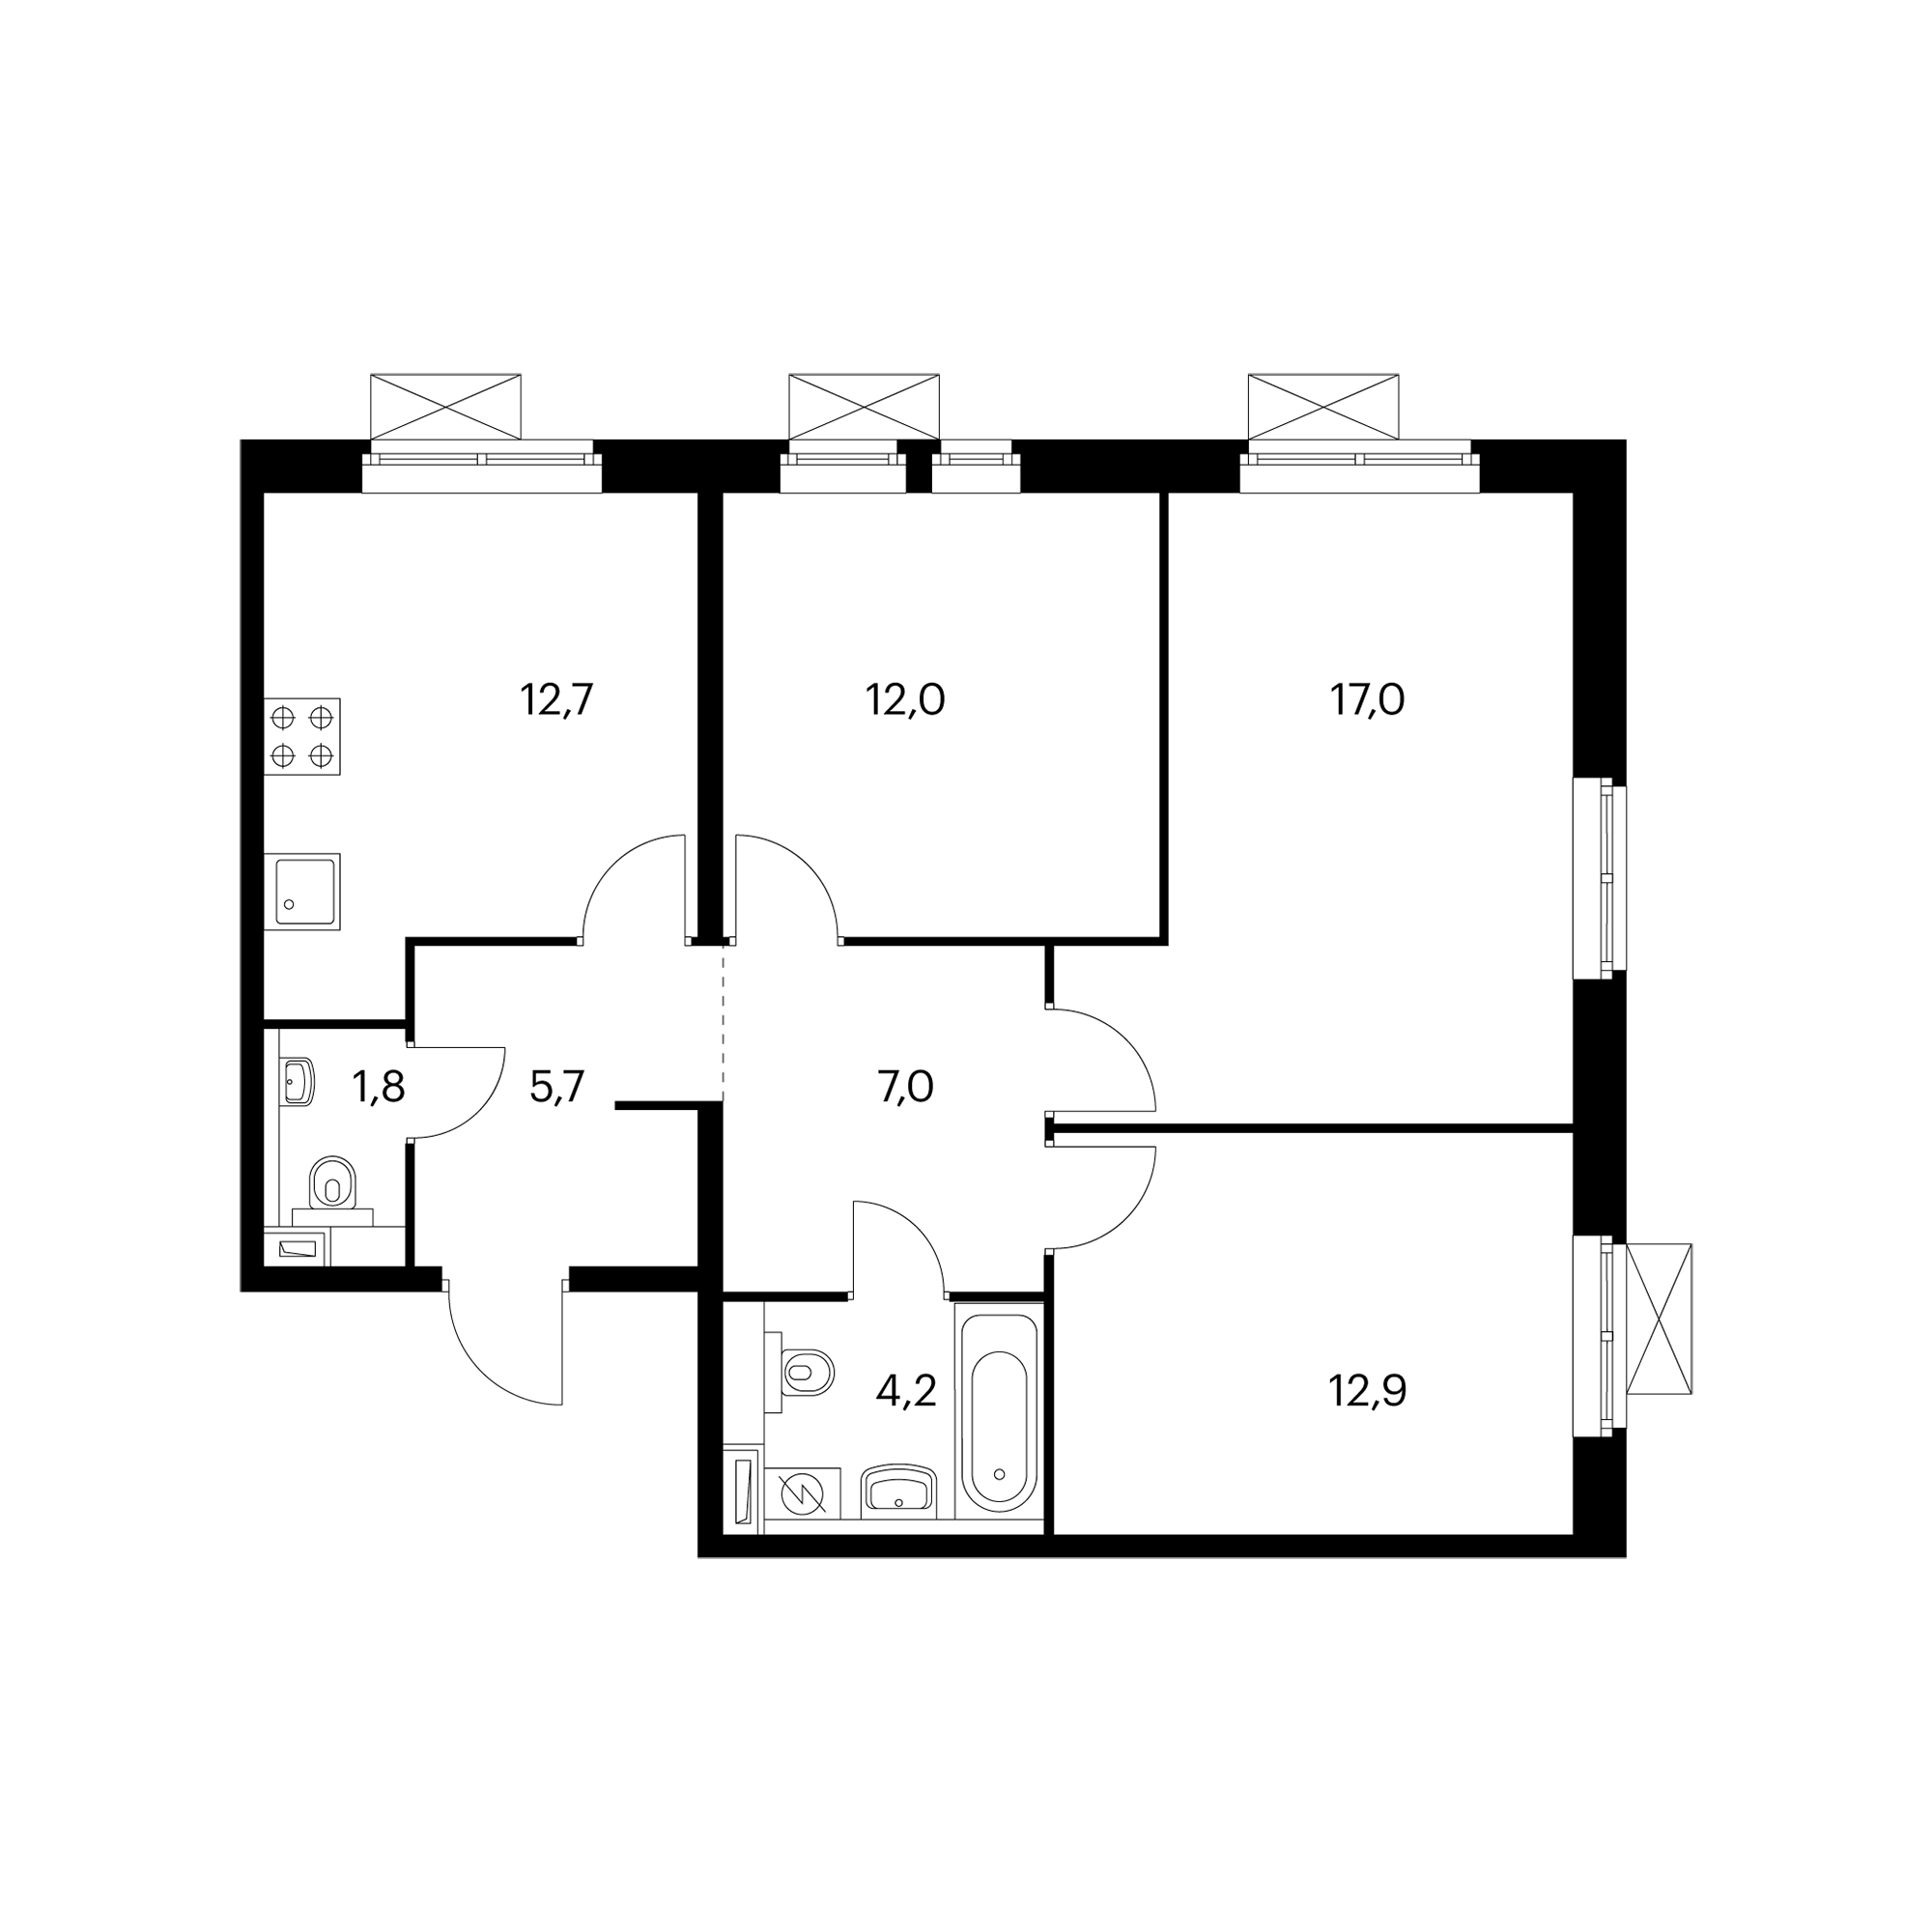 3KM24_10.5-1_T_Z3